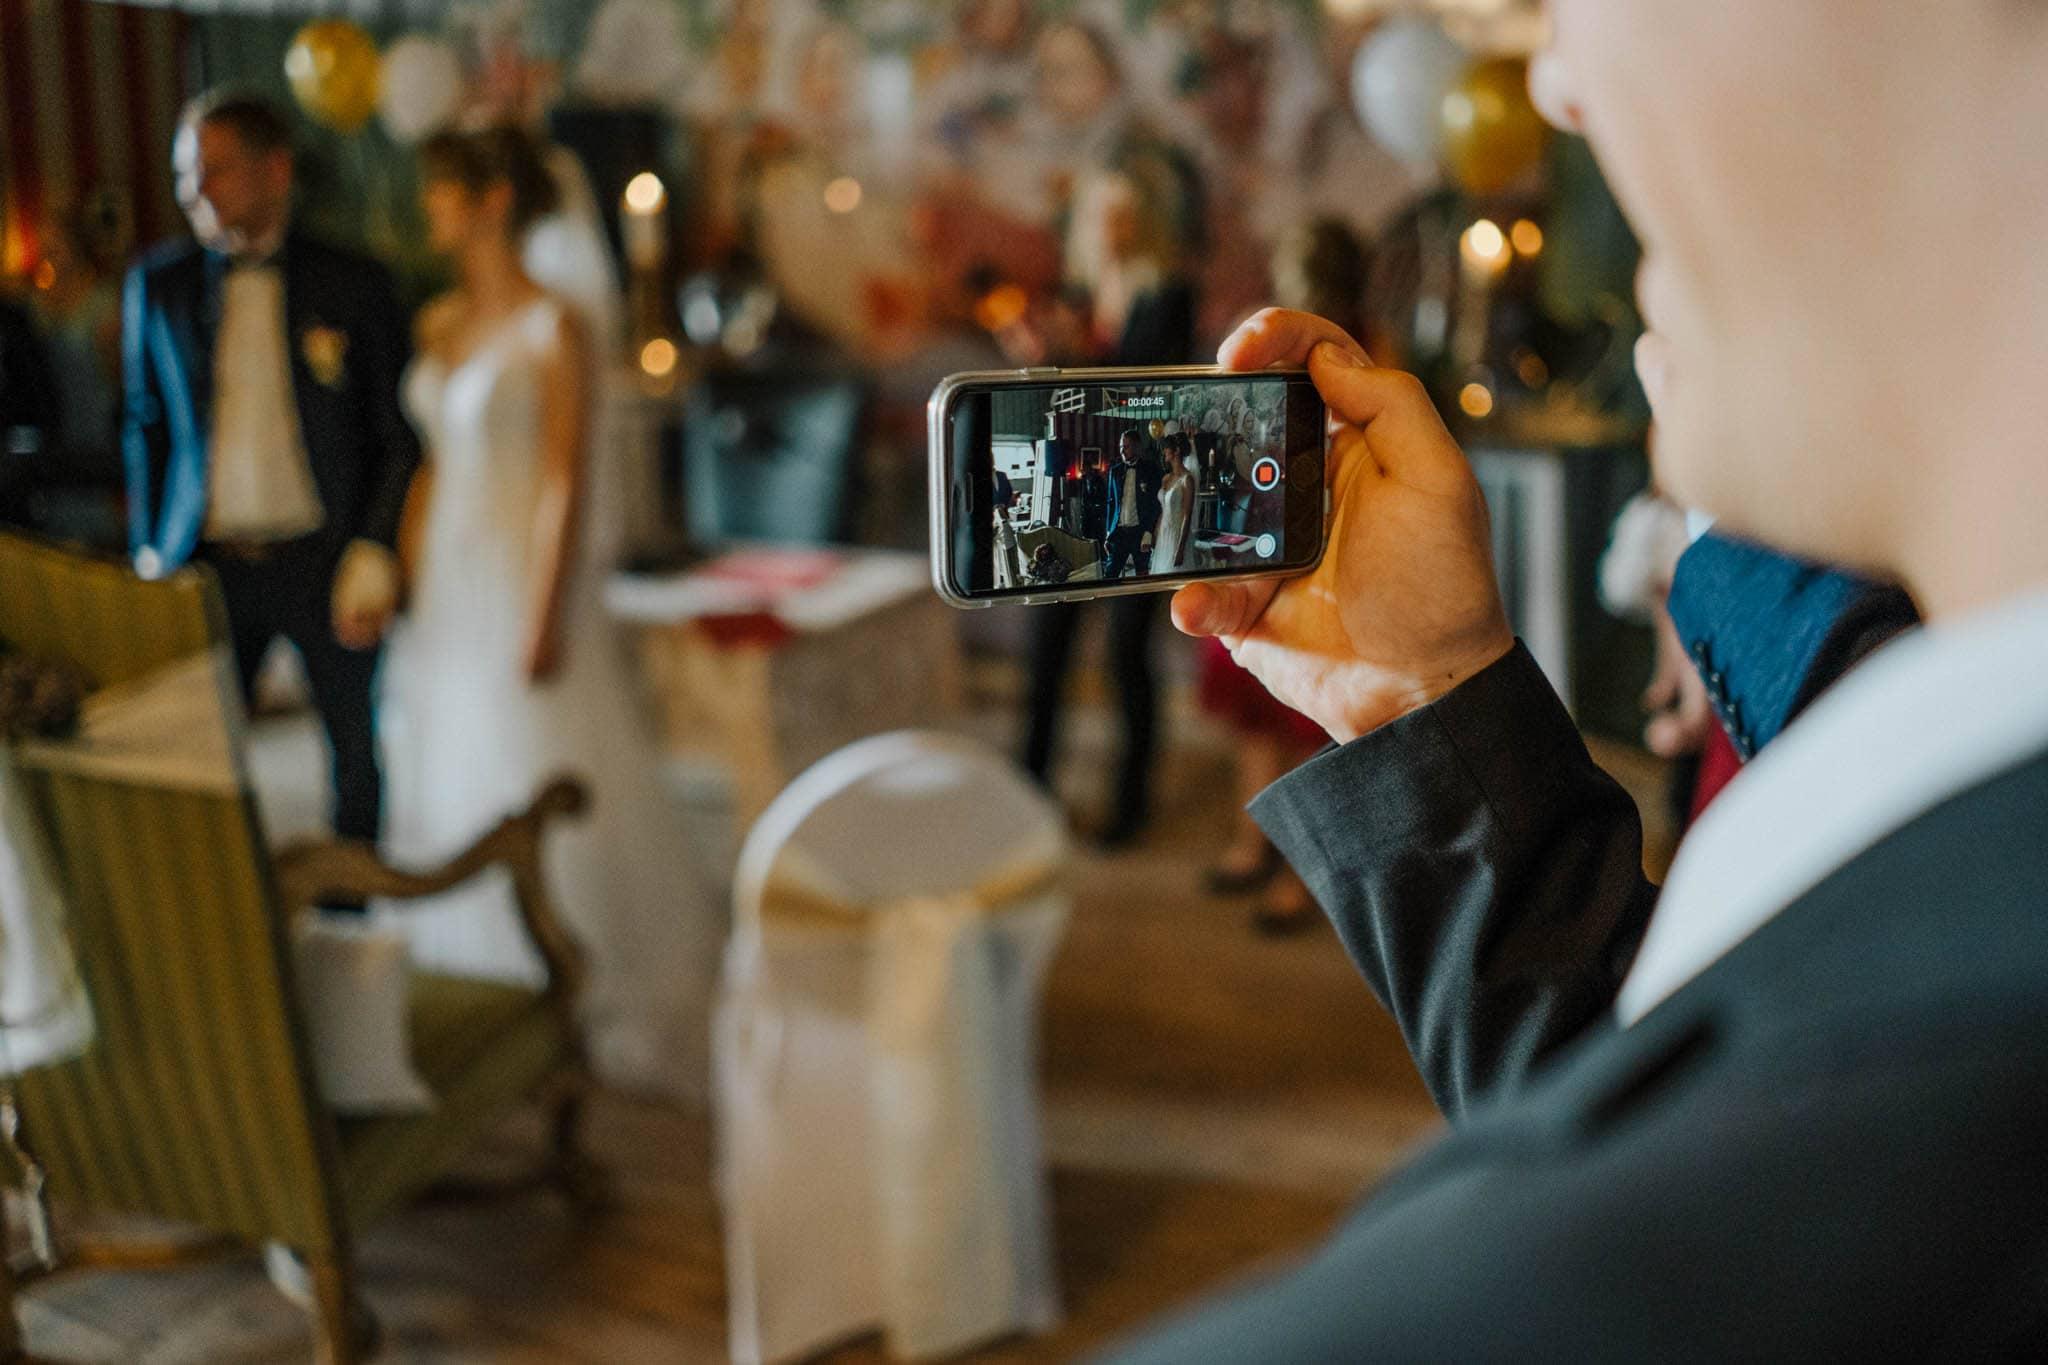 Hochzeitsfieber by Photo-Schomburg, Hoichzeitsfotograf, Hamburg, Wedding, Weddingtime, Hochzeitspaar, Braut, Bräutigam, Hochzeit im Norden,-62